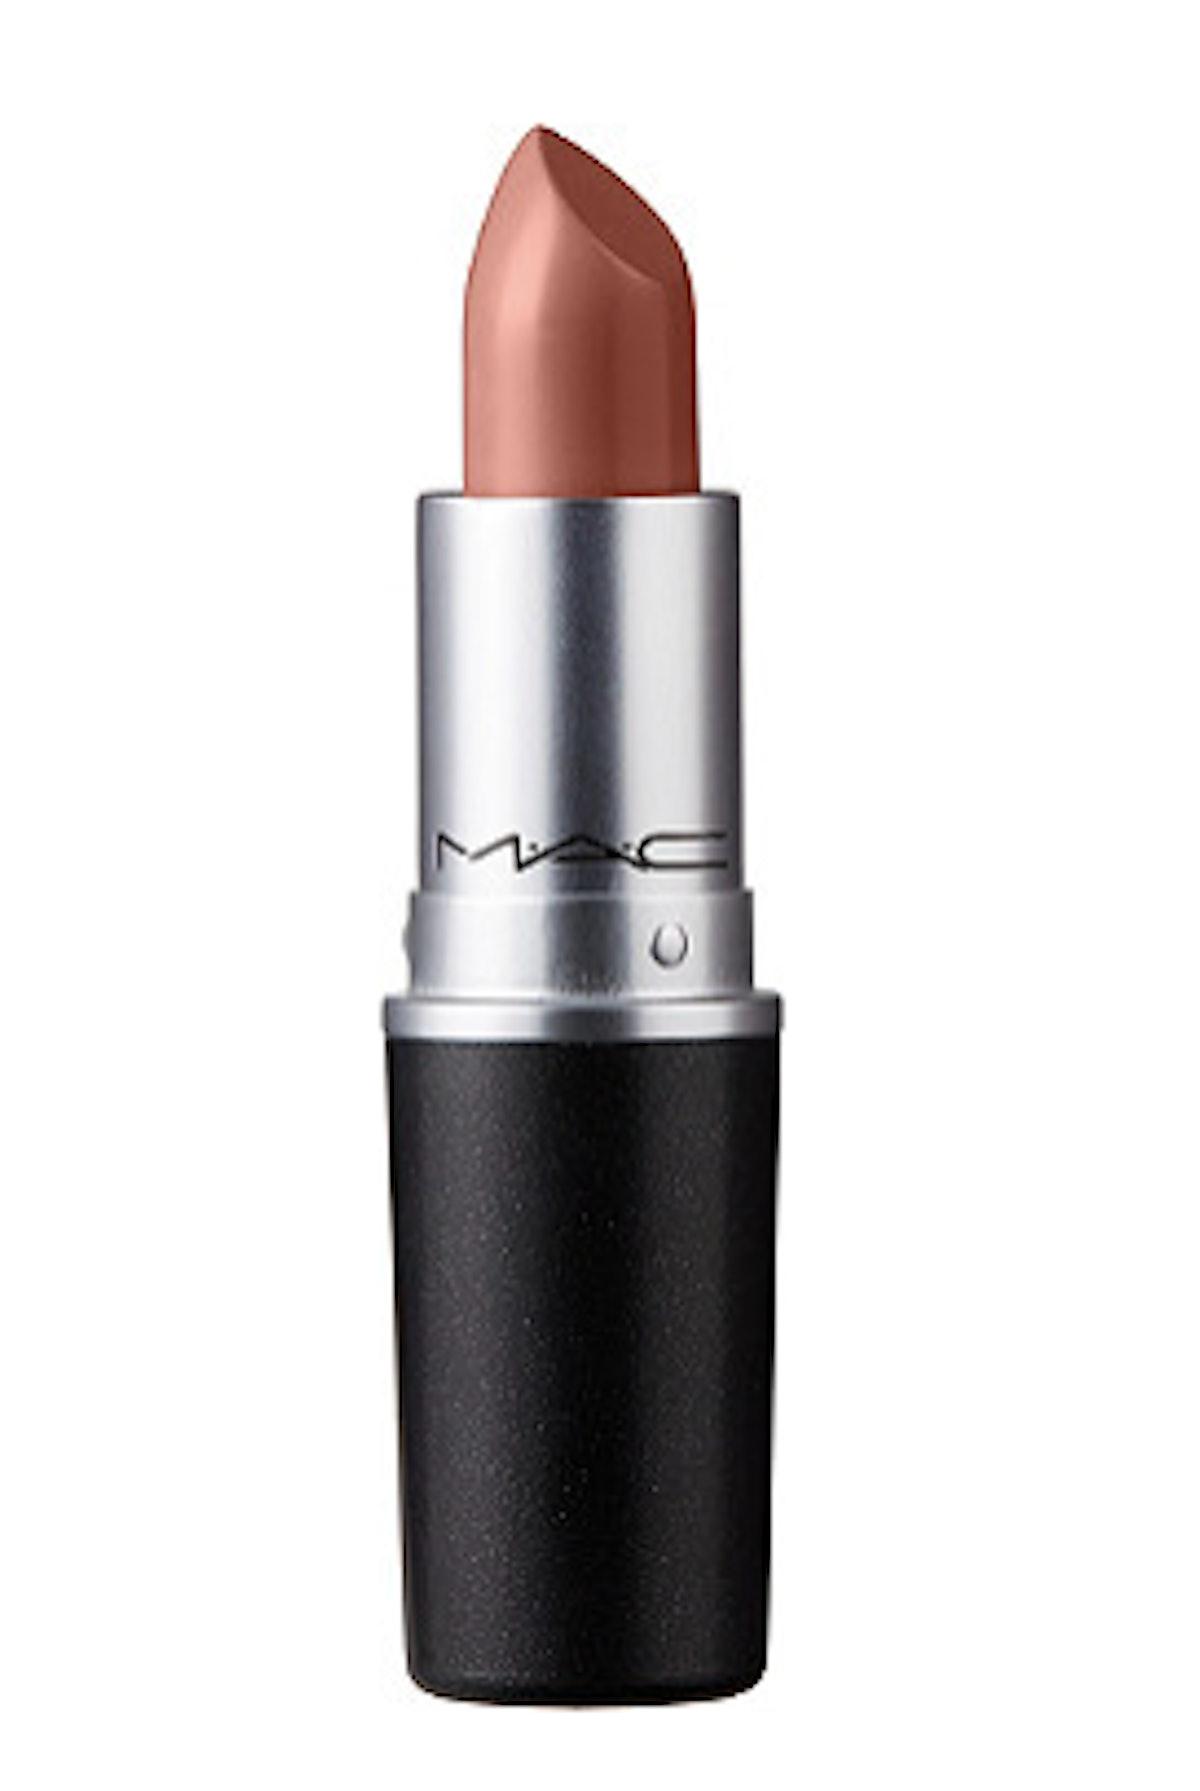 Matte Lipstick in Velvet Teddy